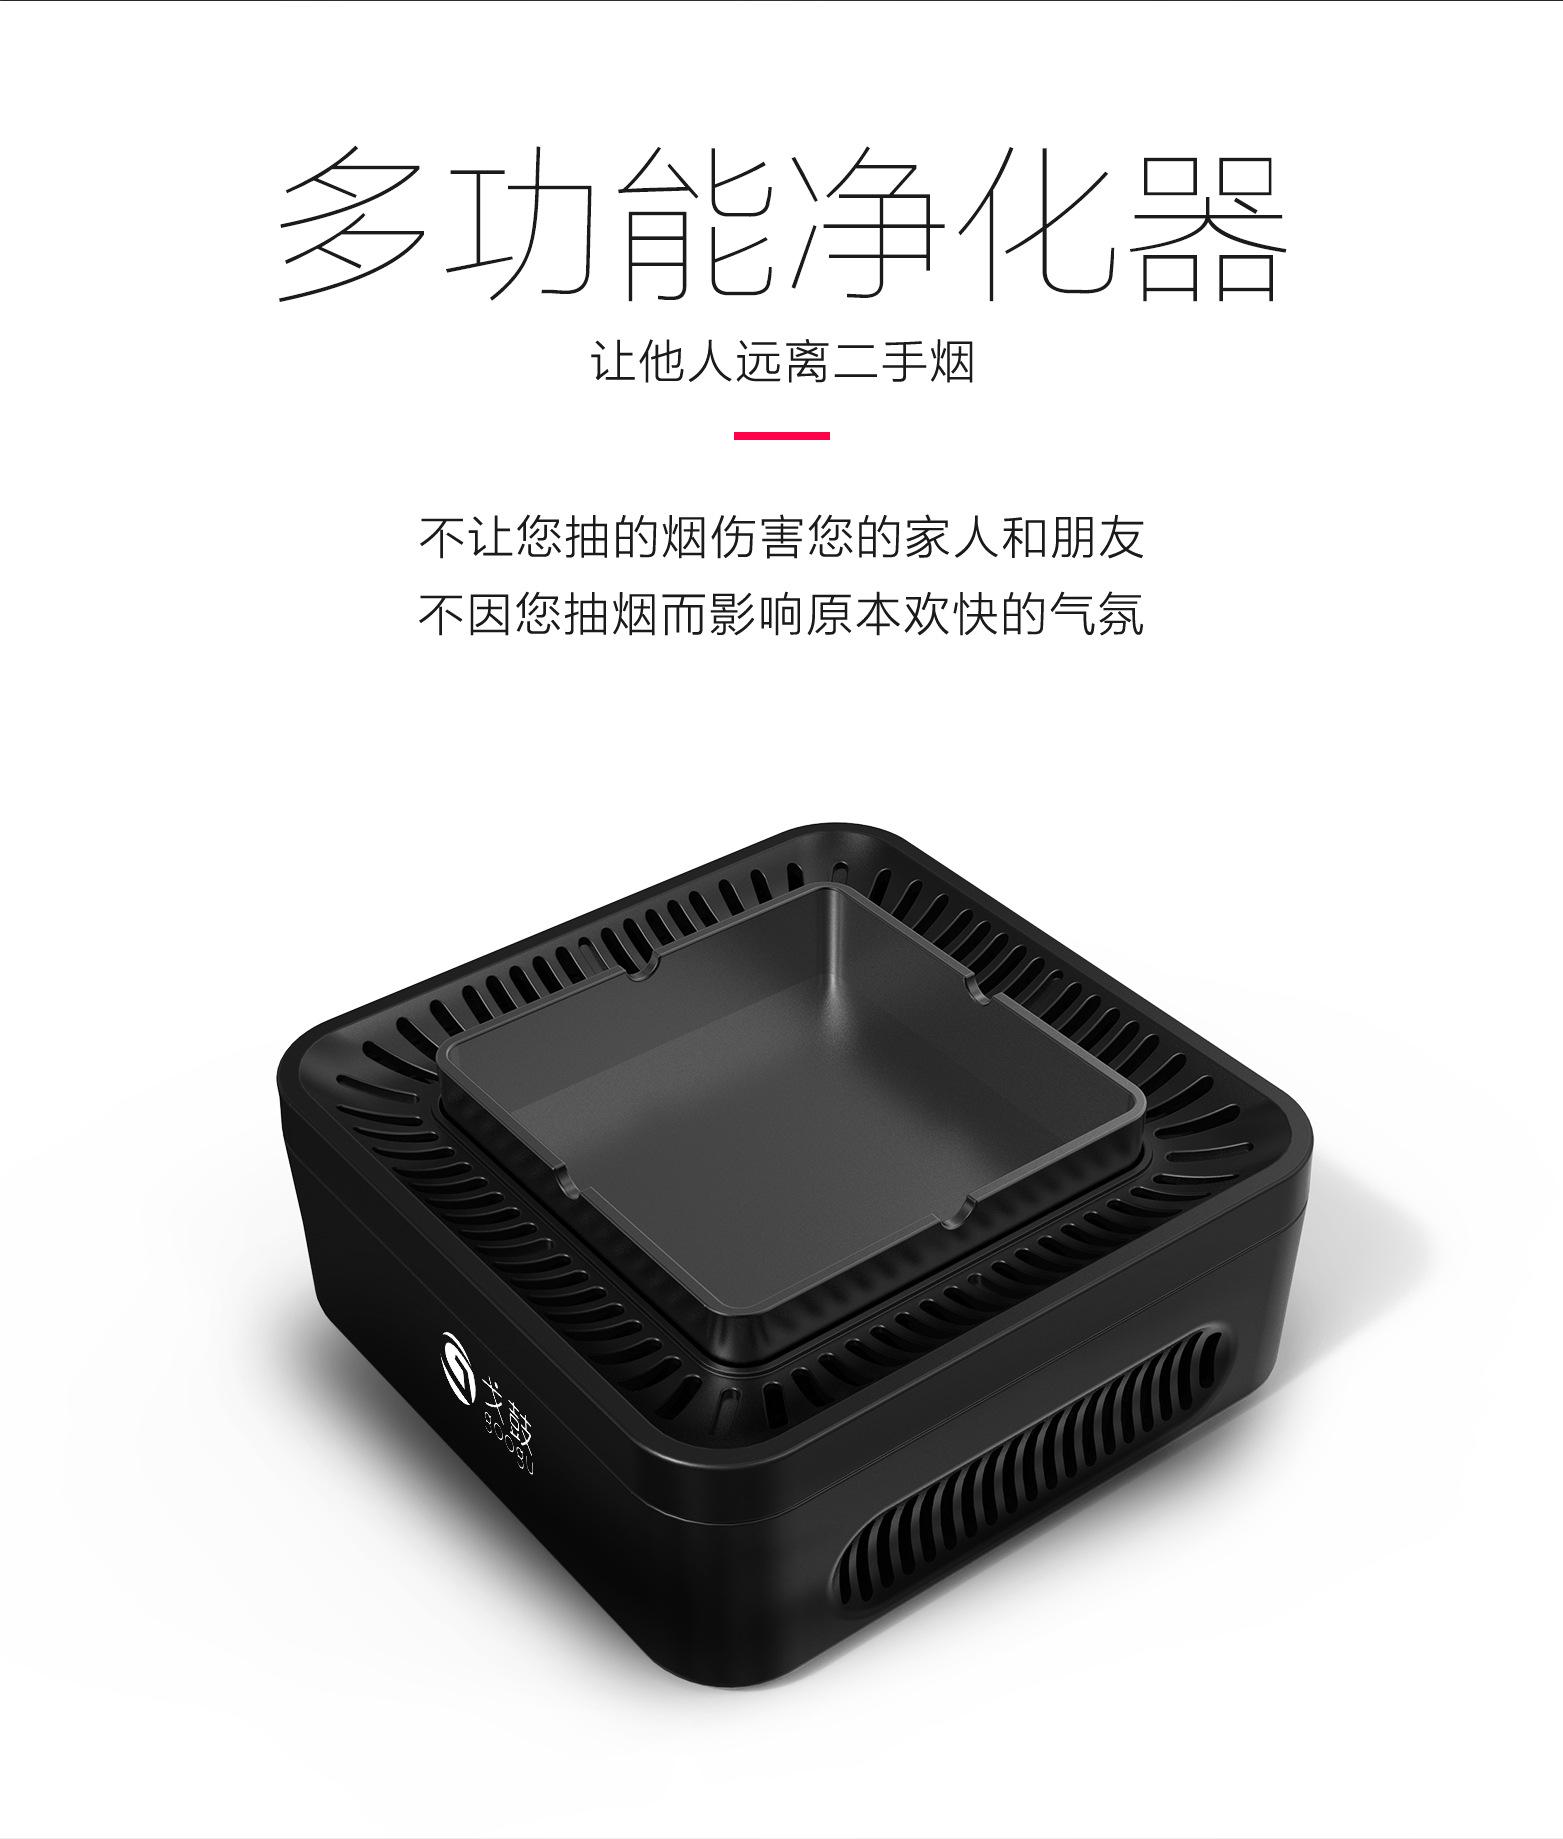 厂家定制烟灰缸净化器多功能净化器负离子吸空气净化器 家用